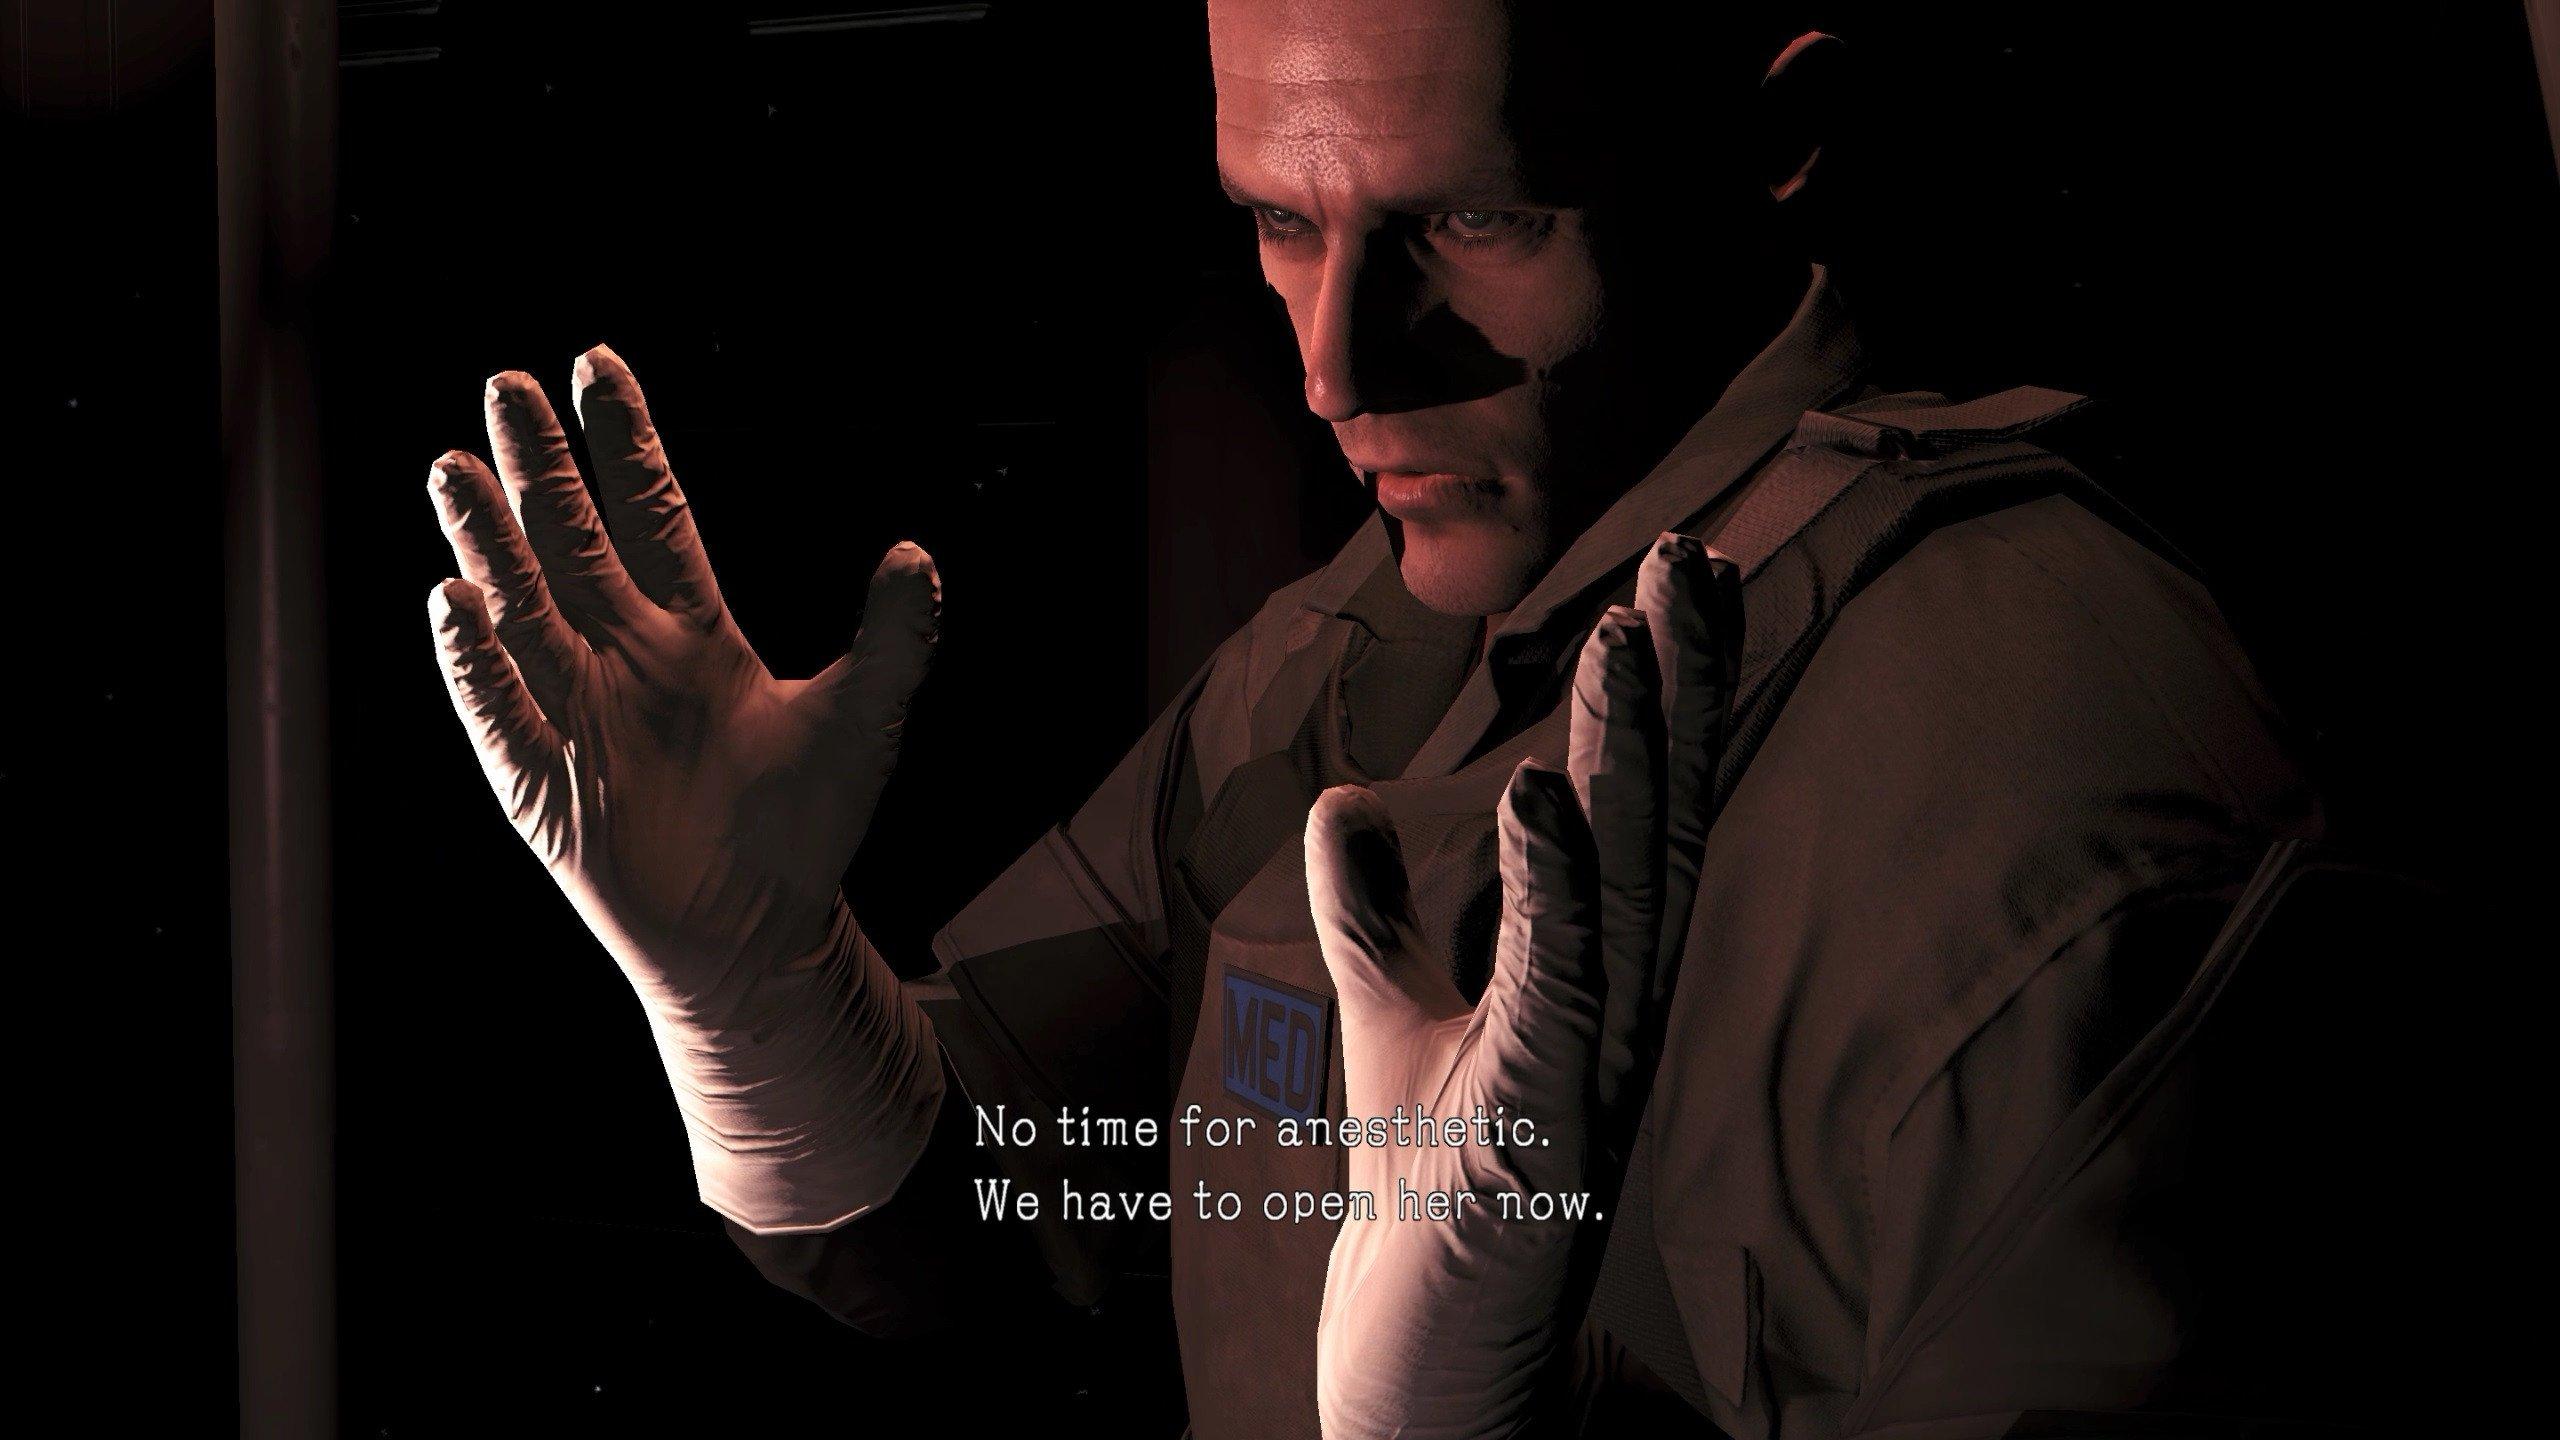 [дополнено] Кто убил Metal Gear Solid V? (спойлеры) - Изображение 4